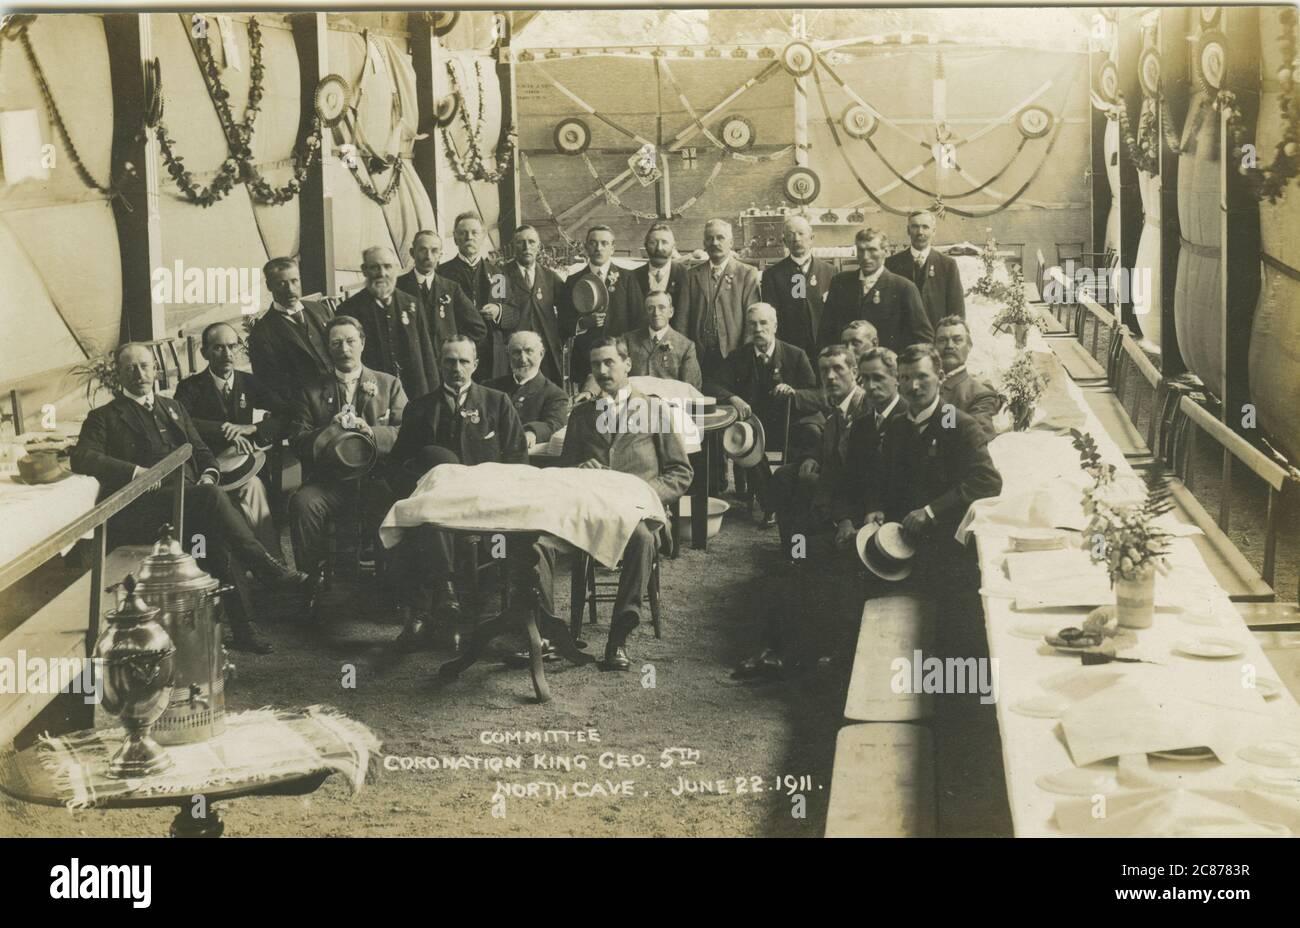 Dorfkomitee (Feier der Krönung von König Georg V. - 22. Juni 1911), North Cave, Brough, Yorkshire, England. Stockfoto